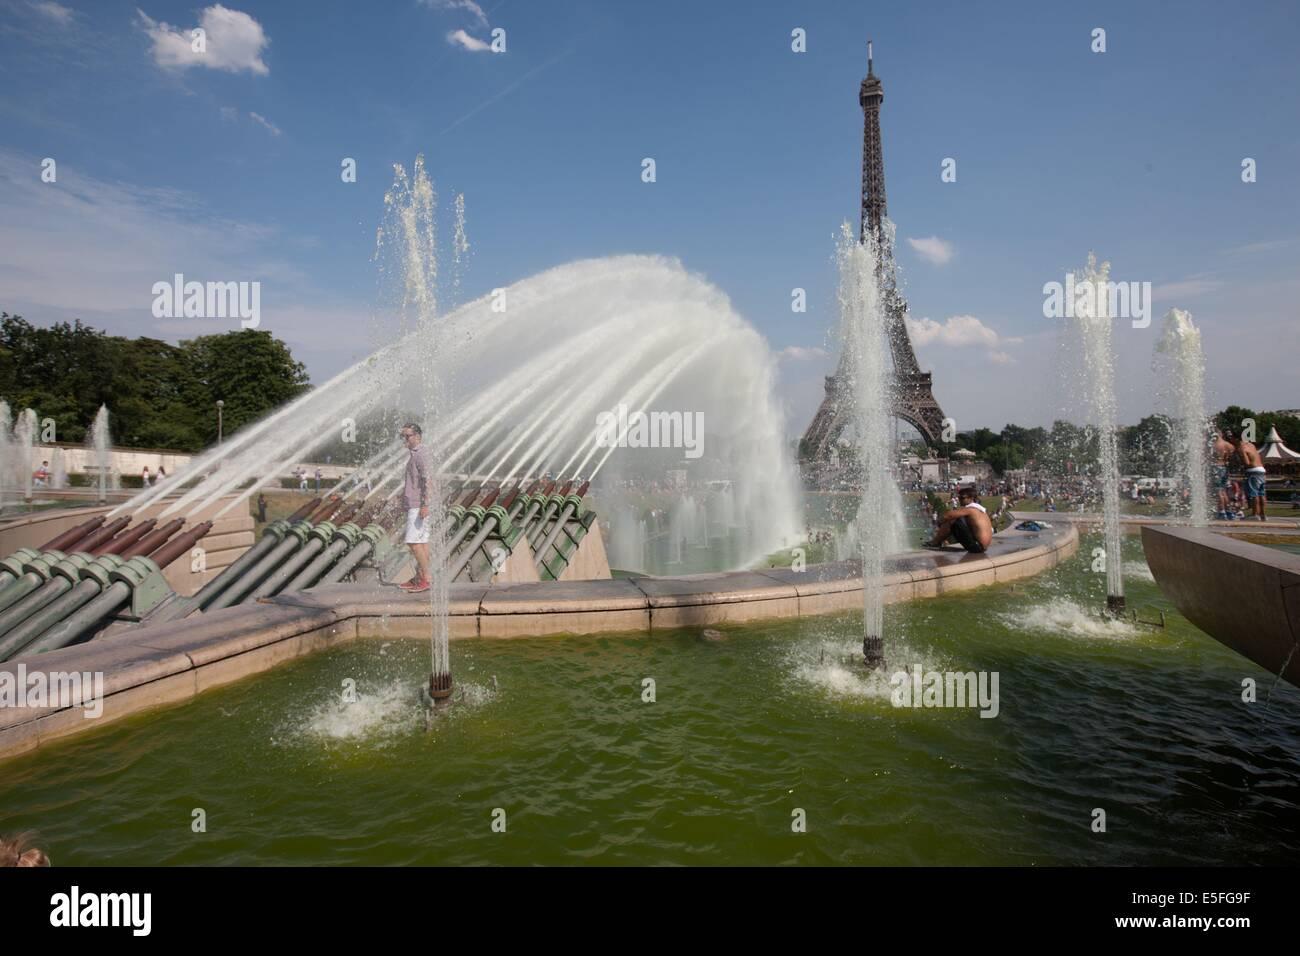 France, Region Ile de France, Paris 16e arrondissement, jardins du Trocadero, bassins et fontaine, baigneurs, canicule, - Stock Image